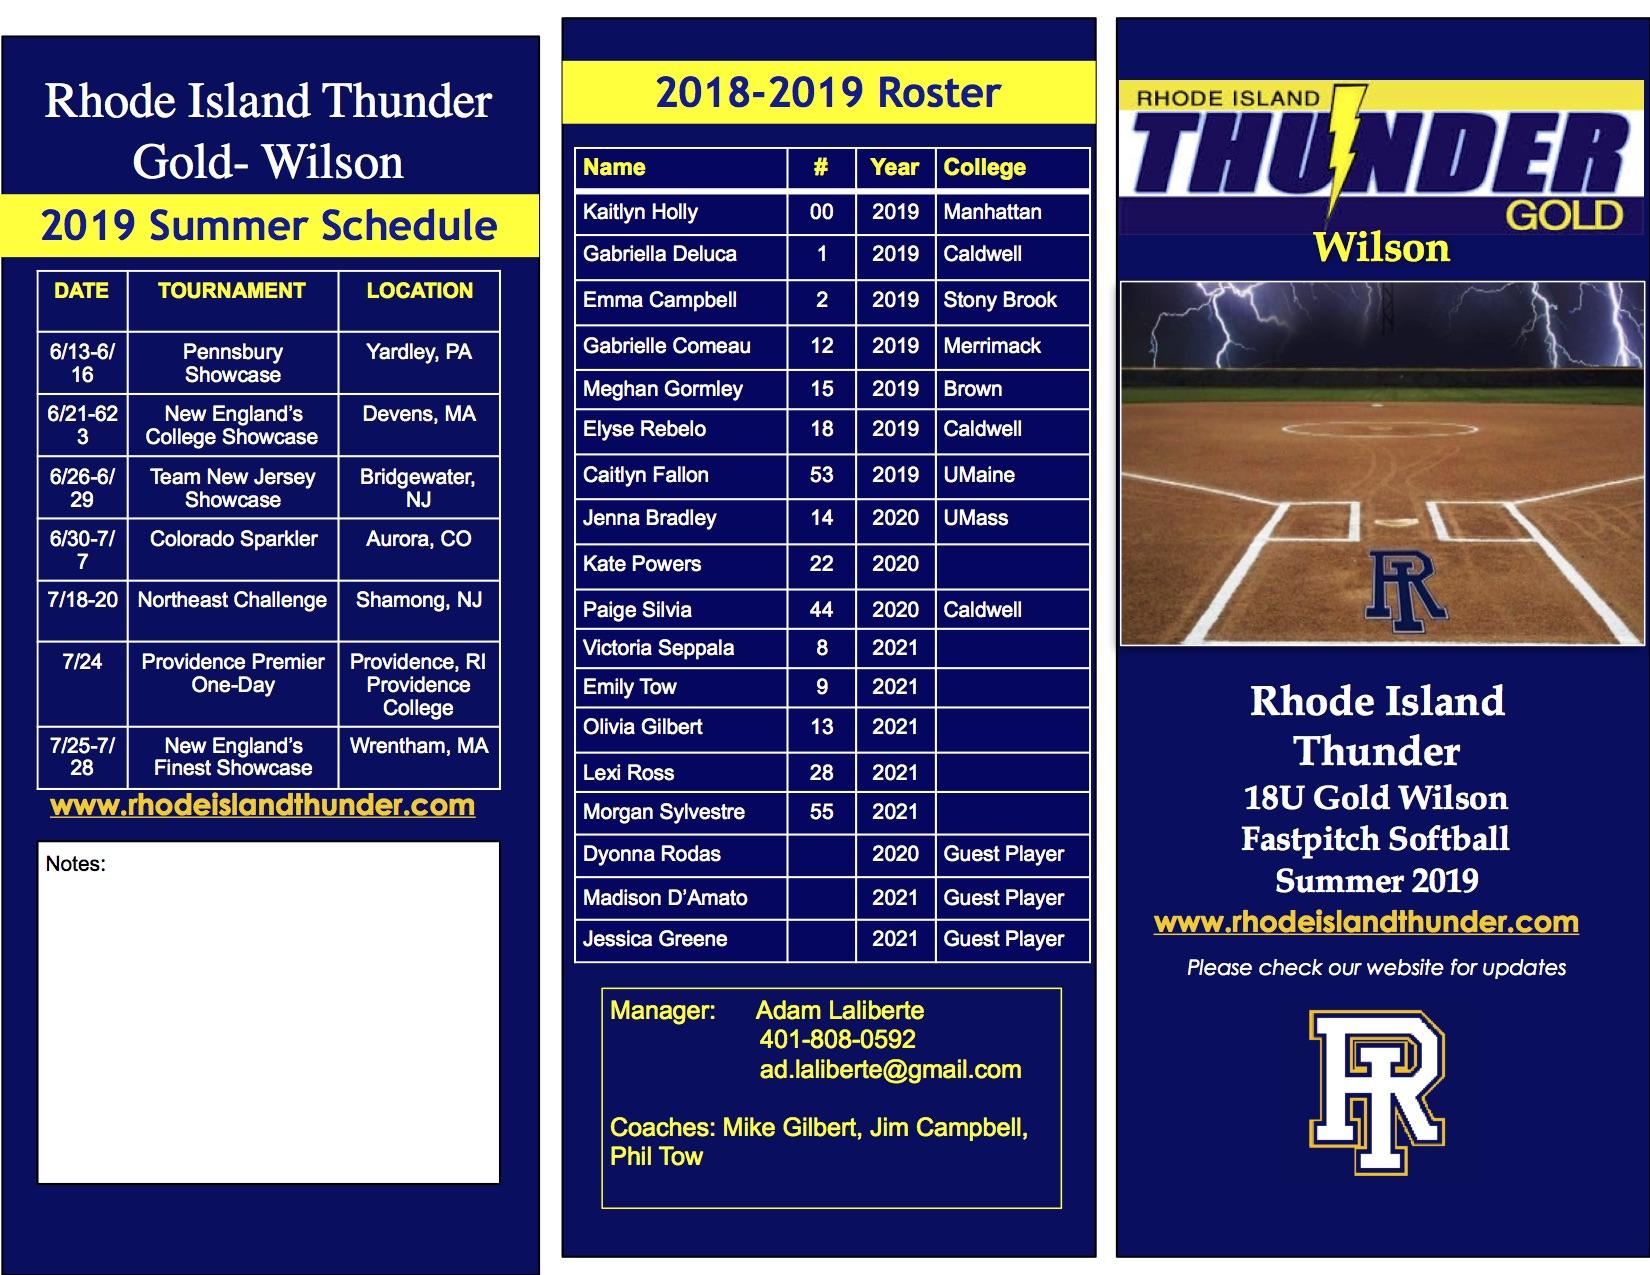 RI Thunder Gold 18U - Wilson 1